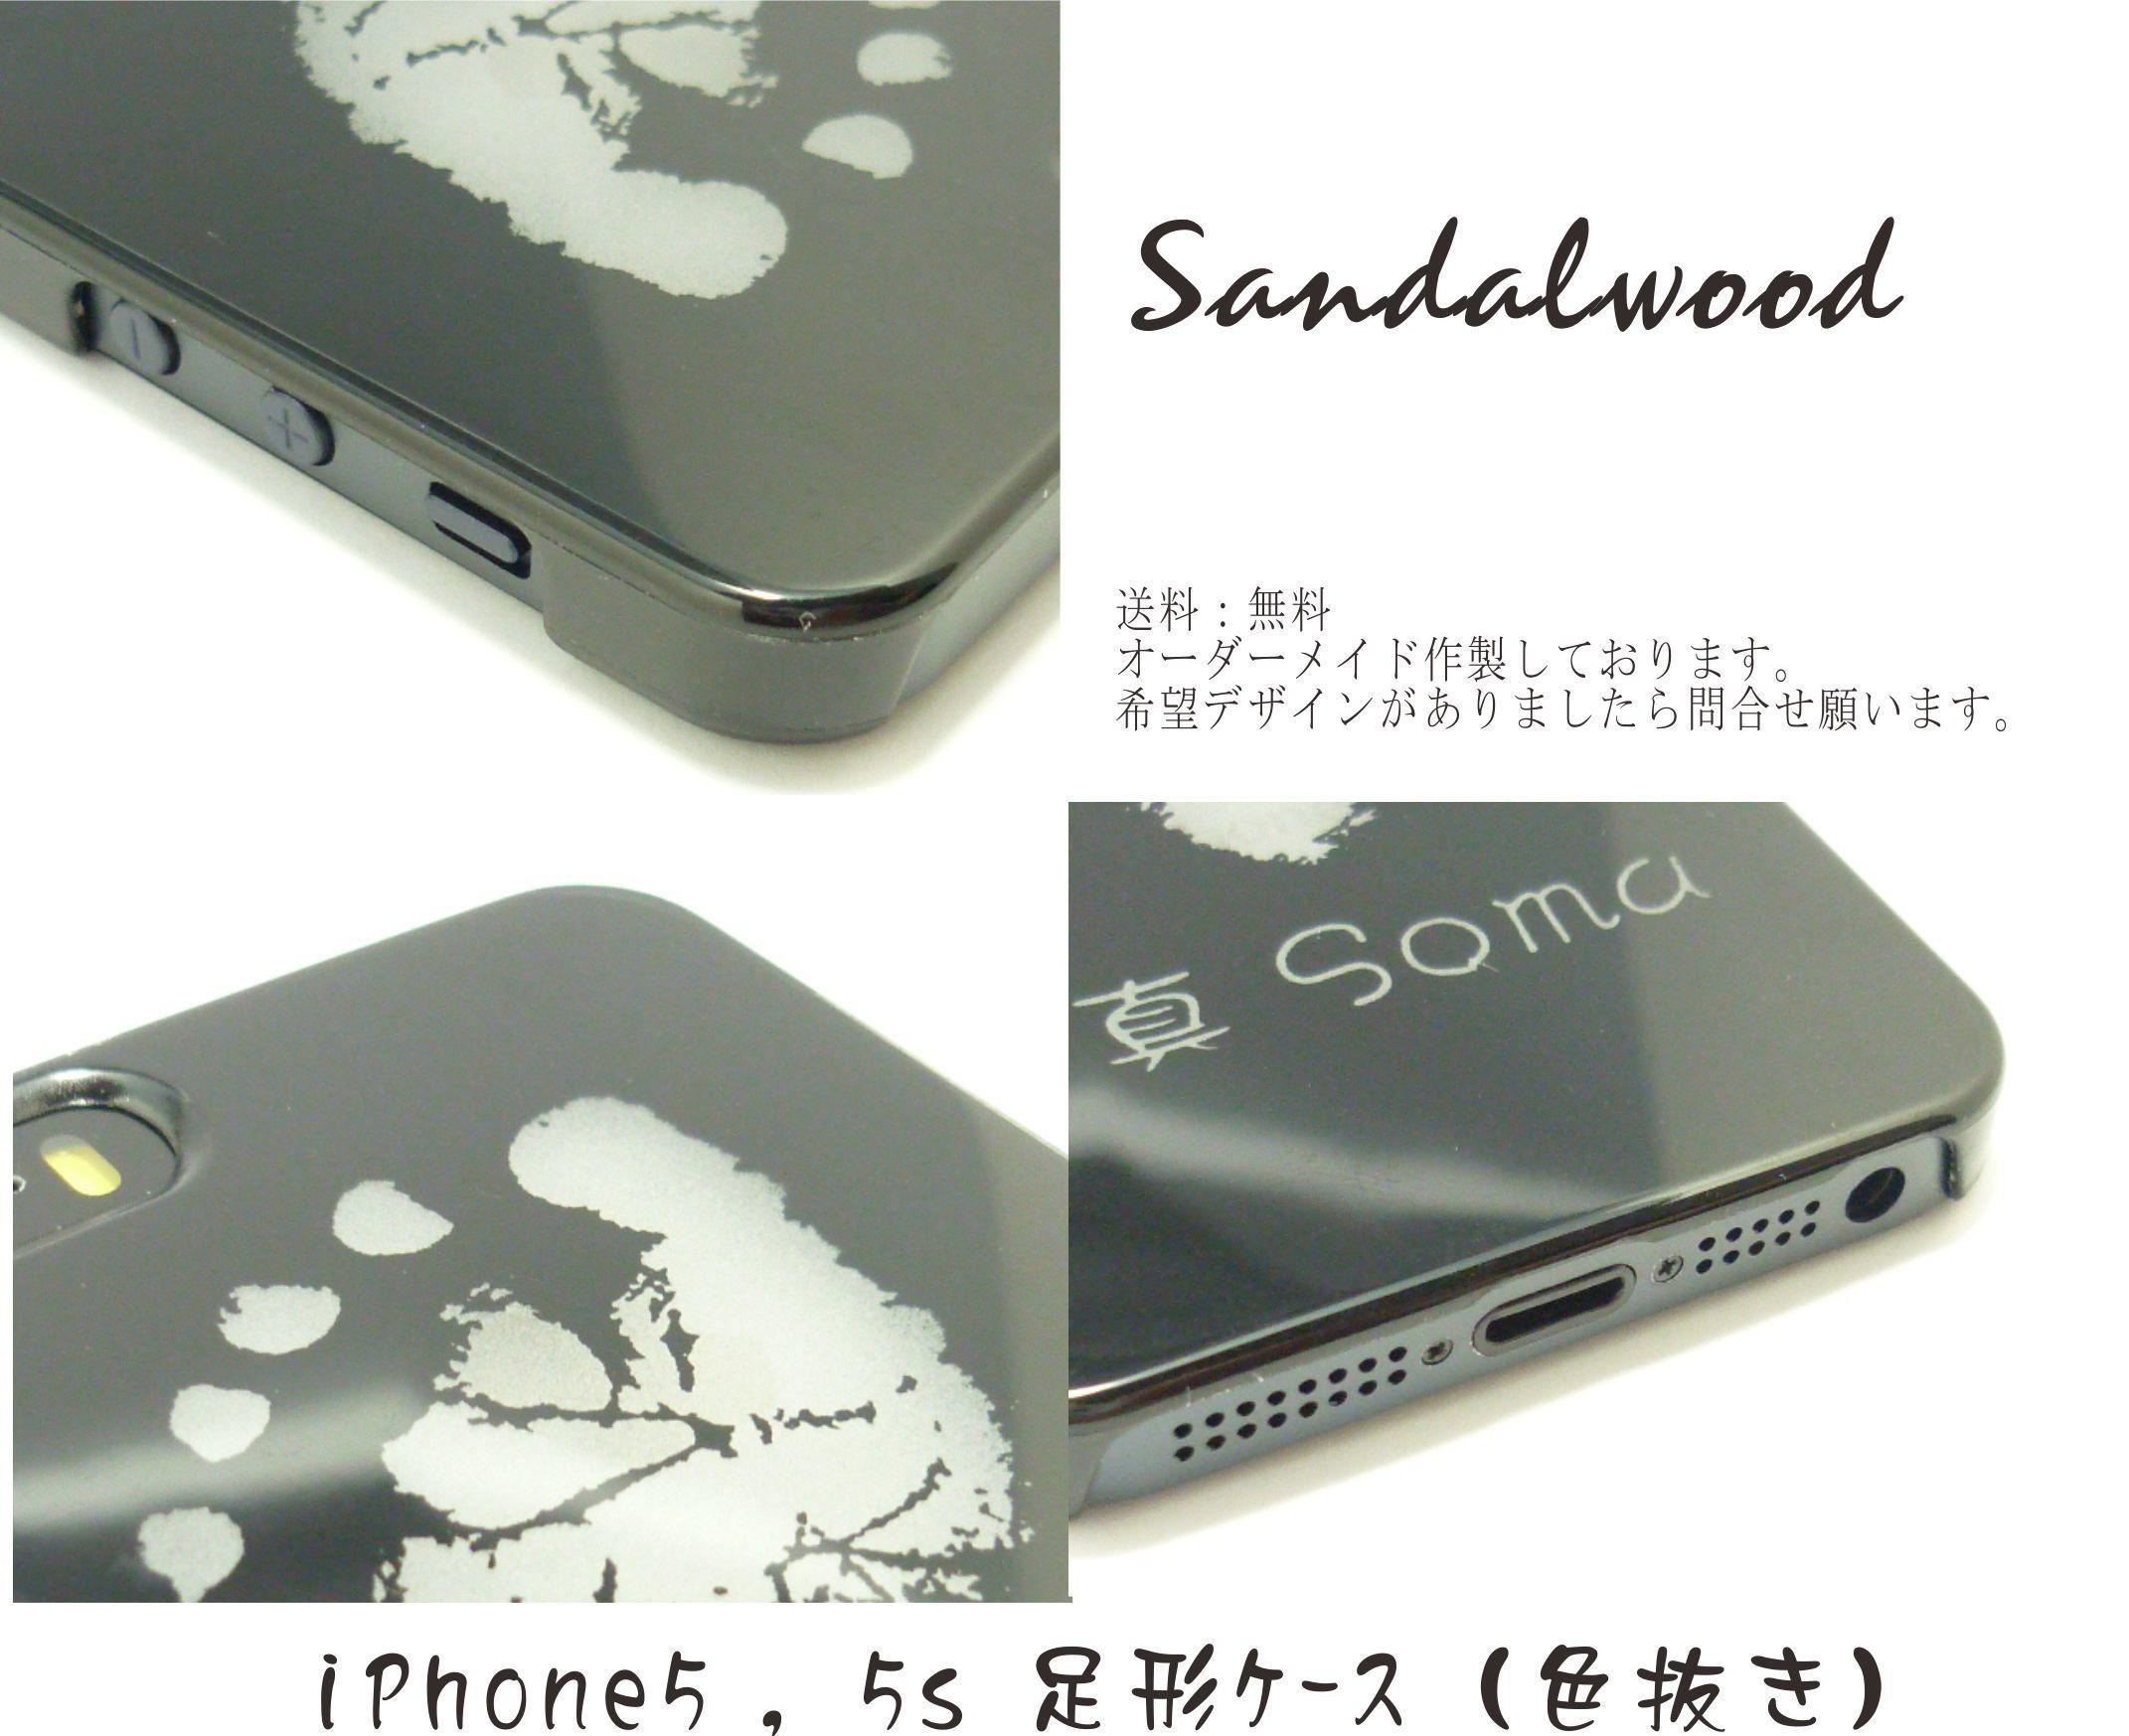 iPhone5,5s足形カバーケース(色抜き、オーダーメイド)